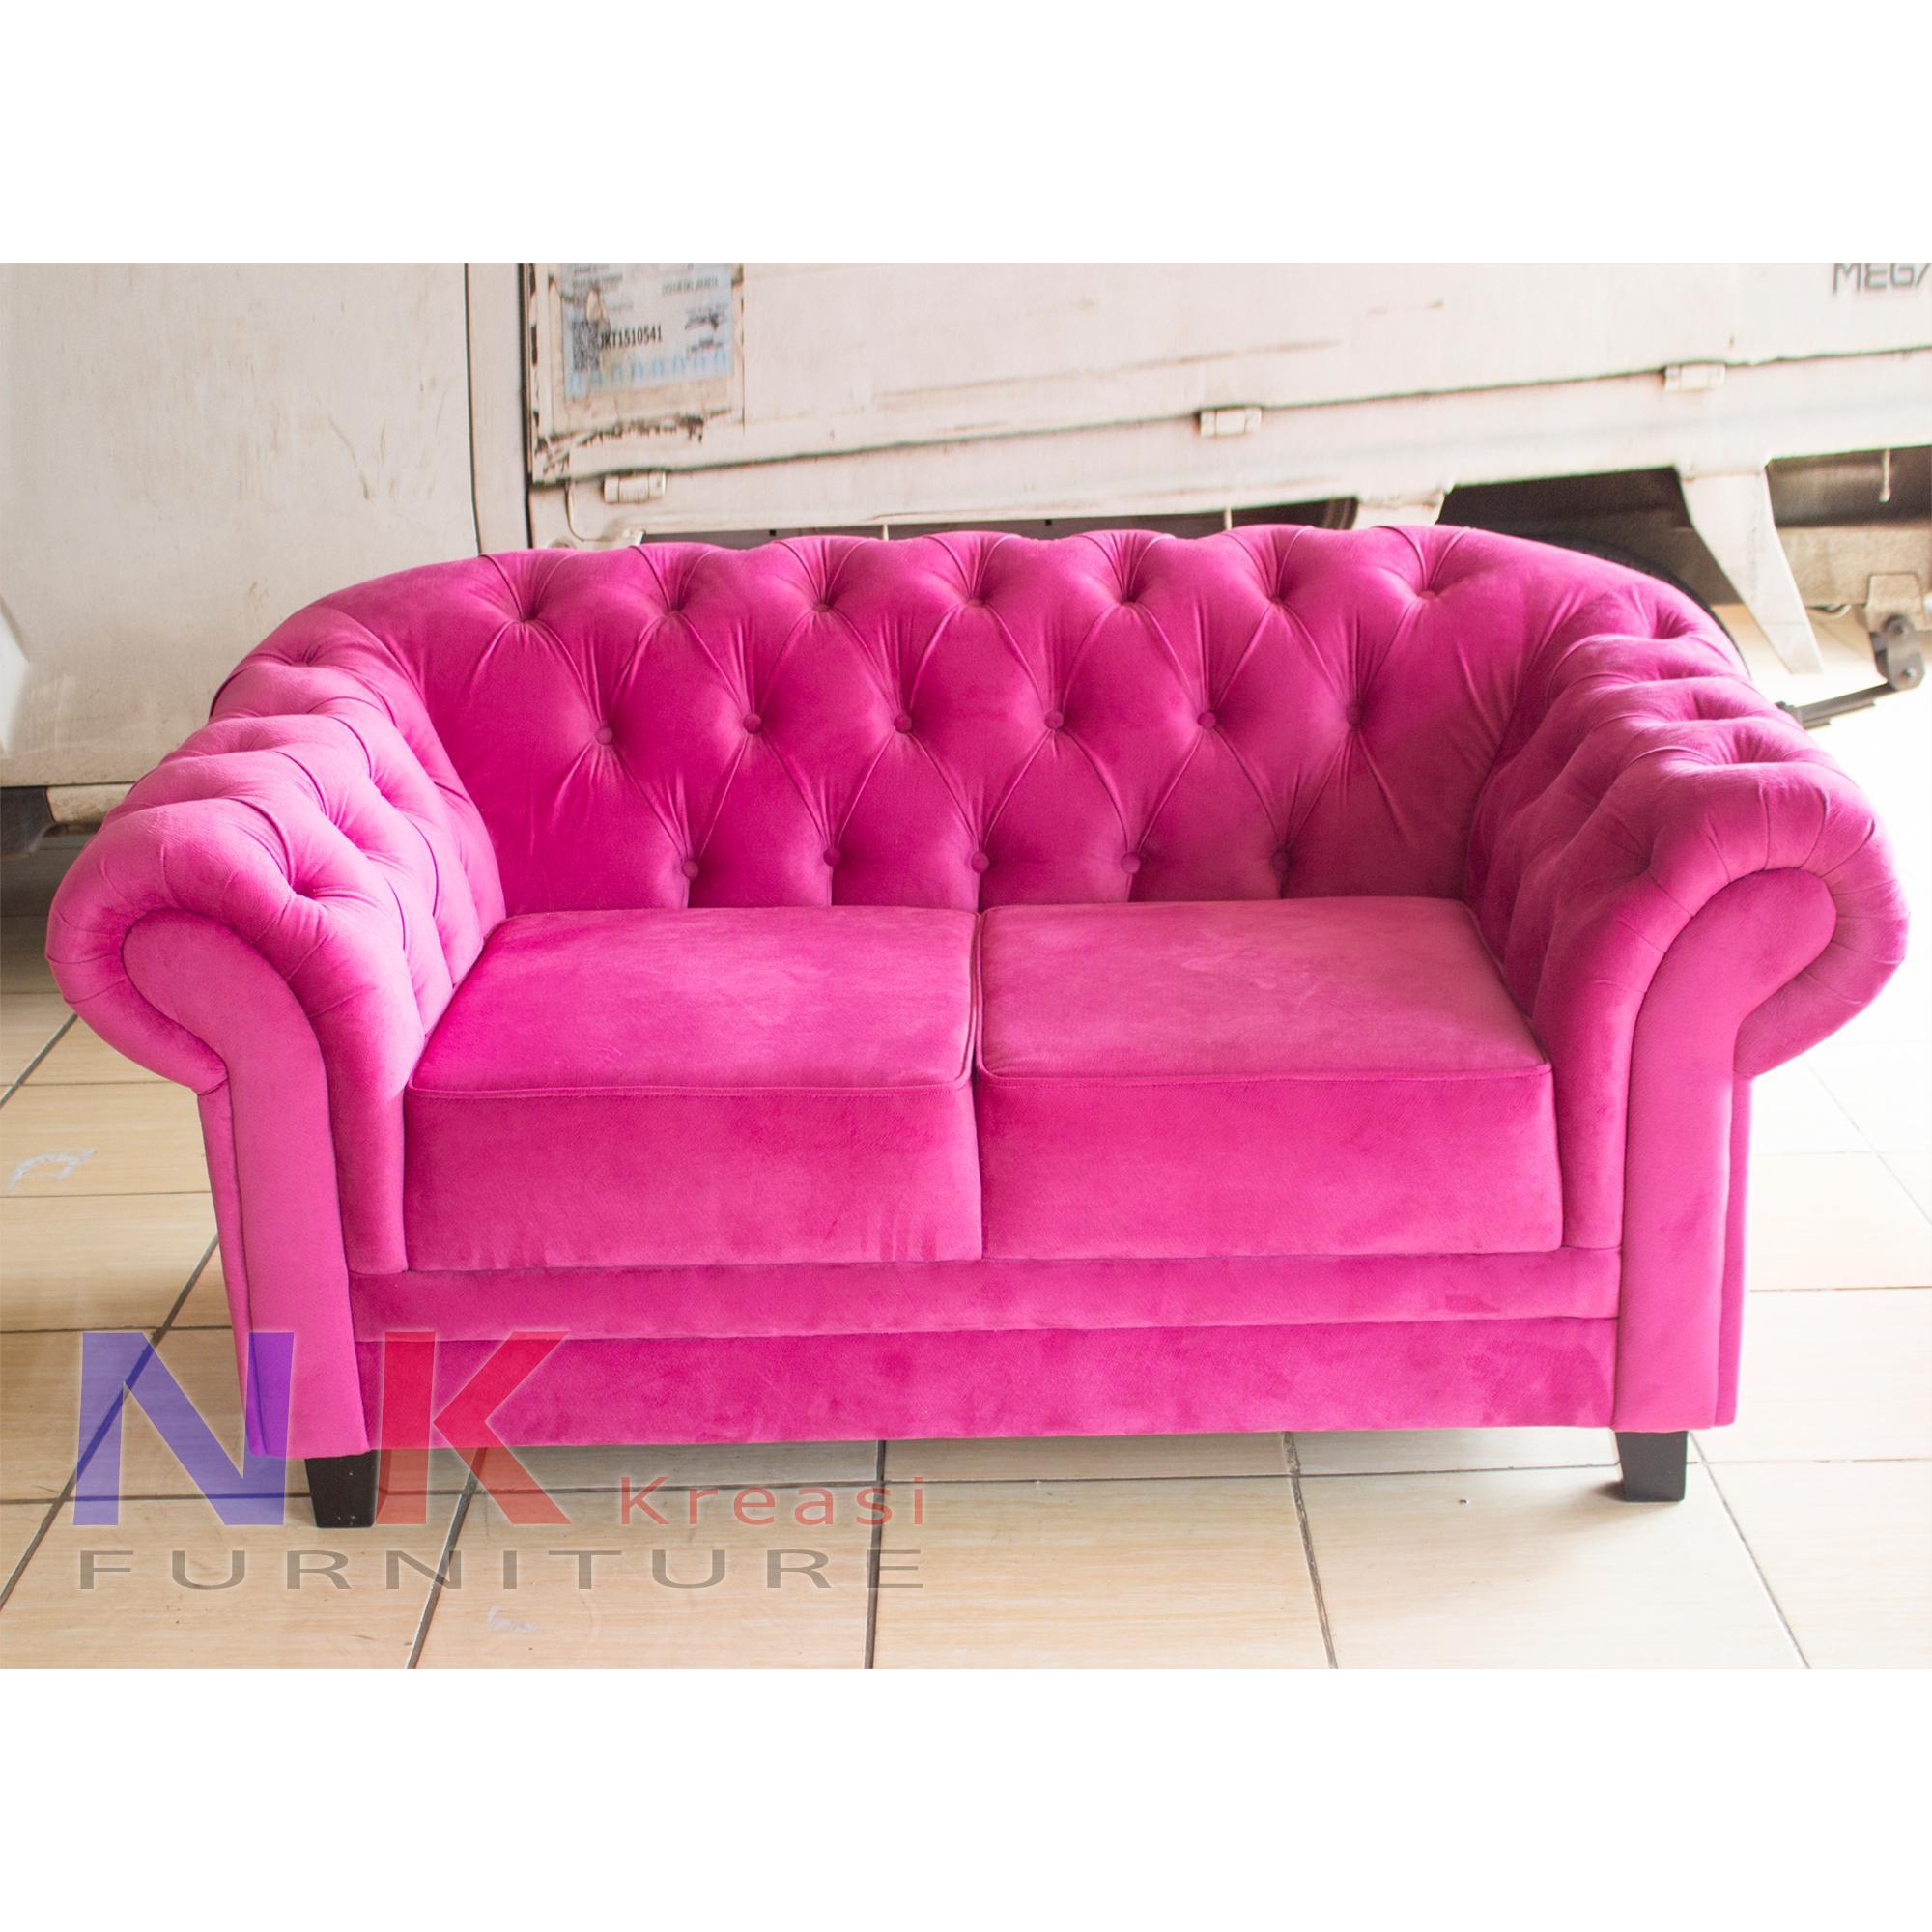 Sofa chesterfield 2 seater, kursi 2 dudukan mewah, klasik modern - JABODETABEK ONLY